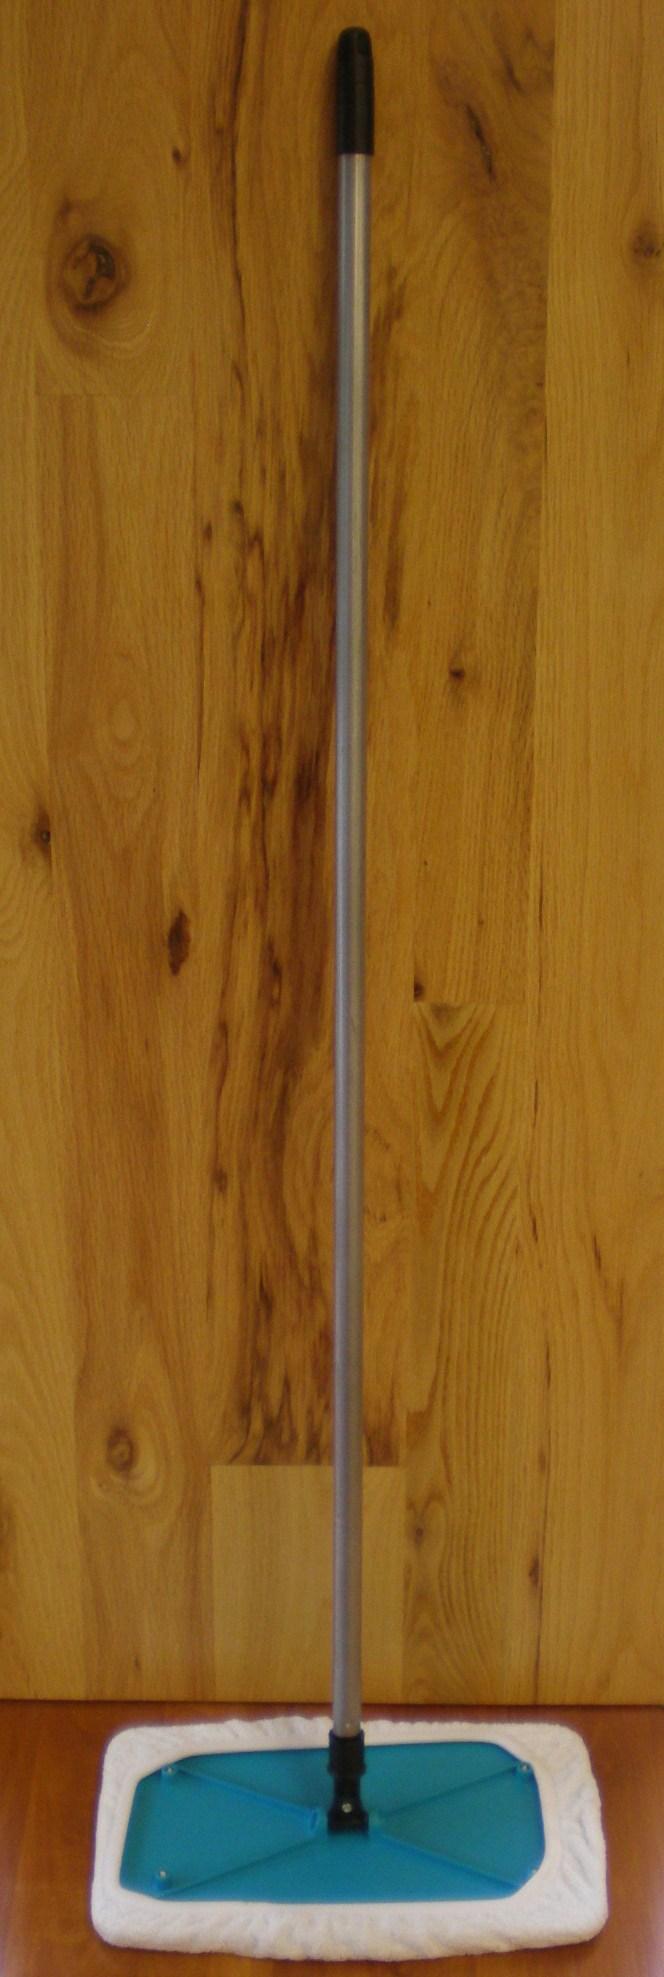 Sh Mop For Hardwood Floors